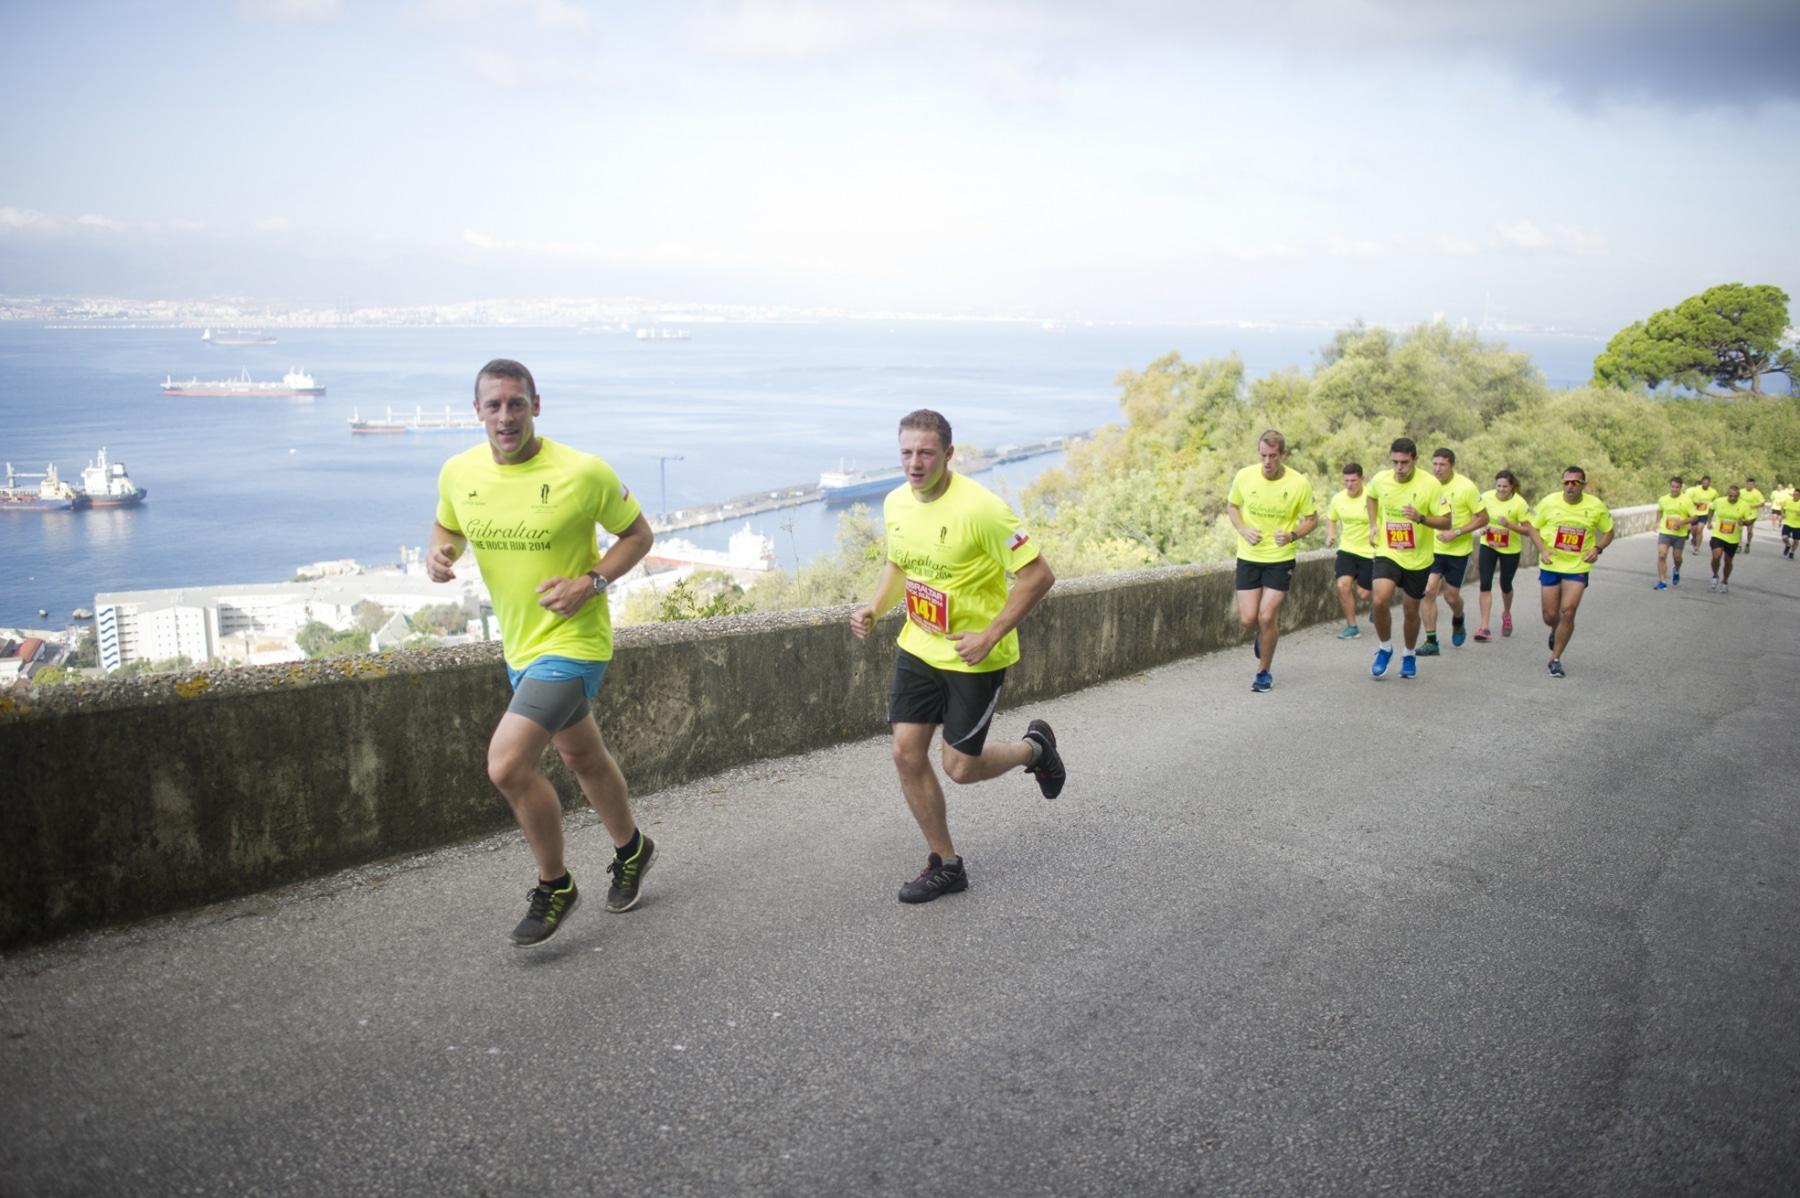 henry-cavill-en-la-carrera-del-350-aniversario-de-los-royal-marines-en-gibraltar-25-octubre-201424_15624581272_o